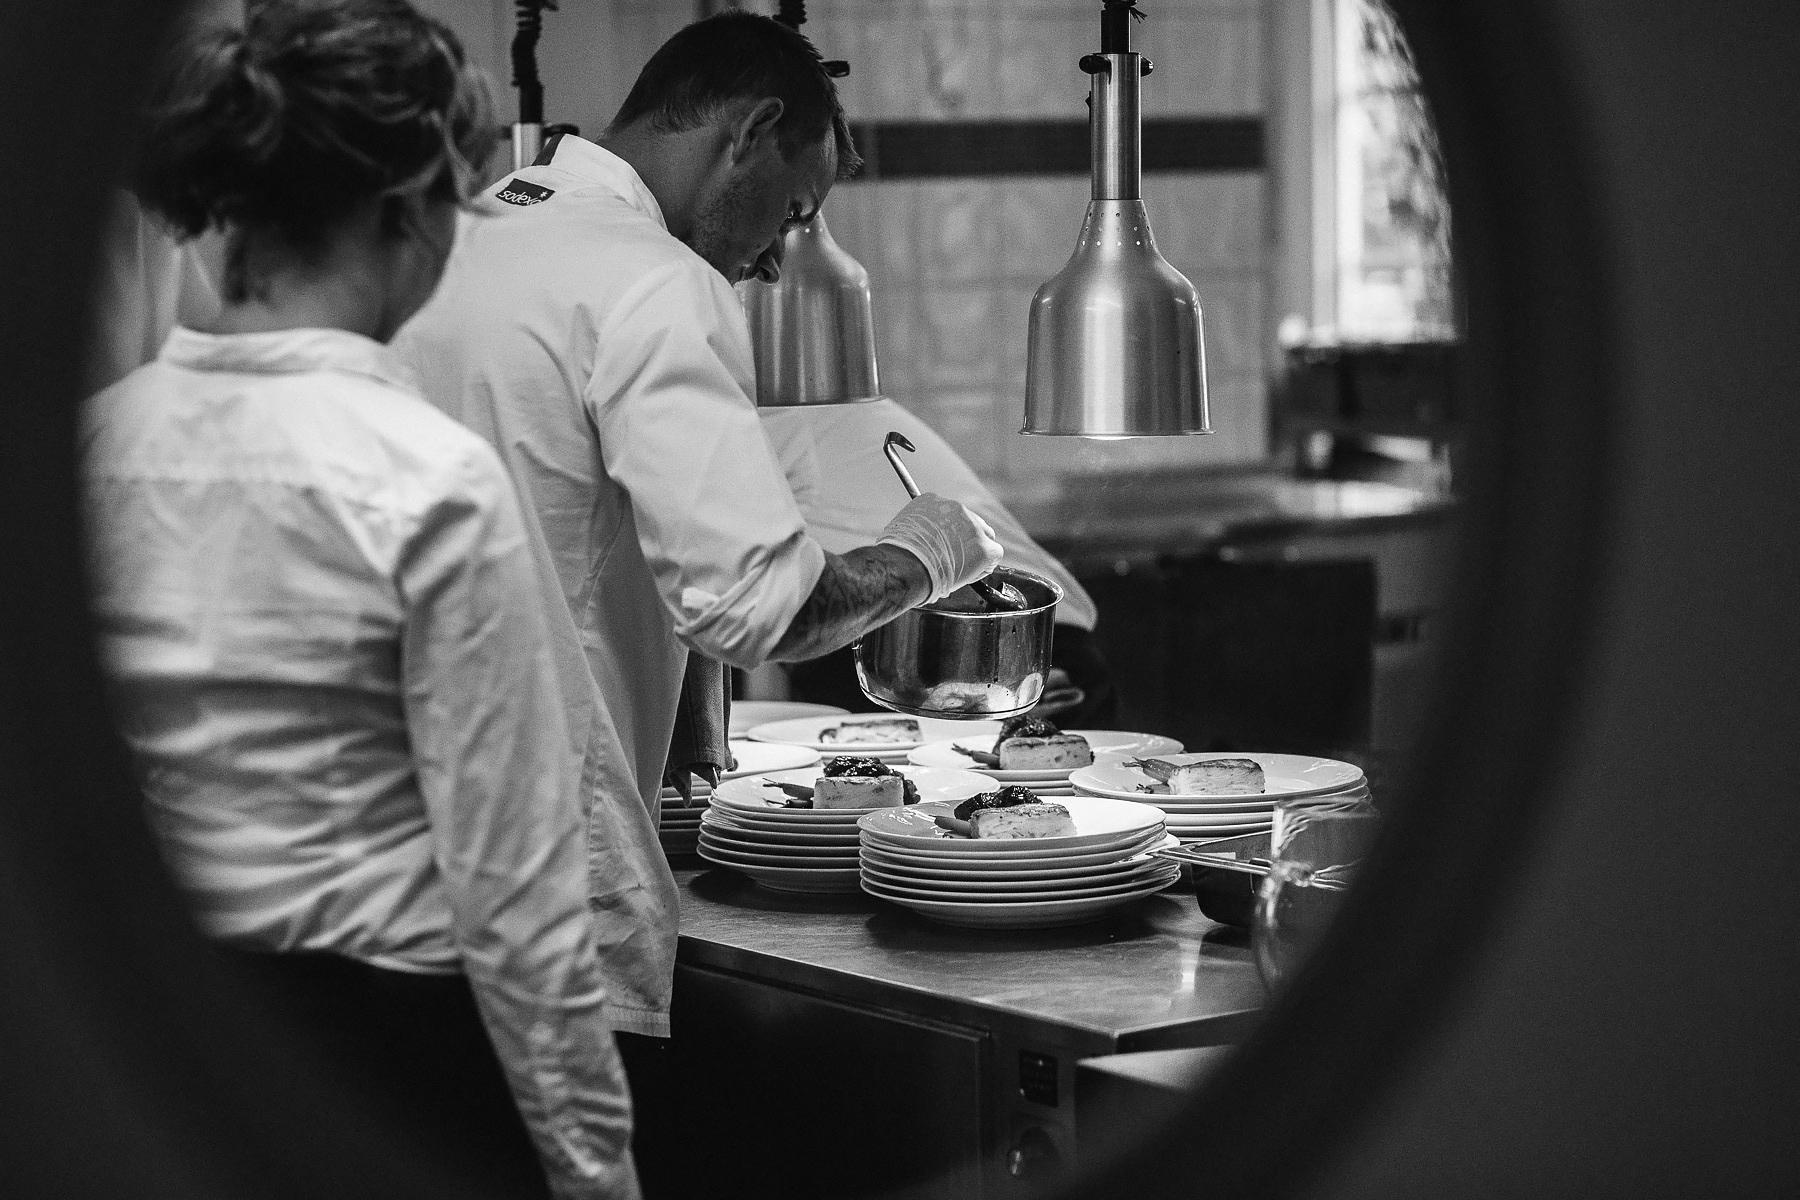 Köket gör i ordning huvudrätten